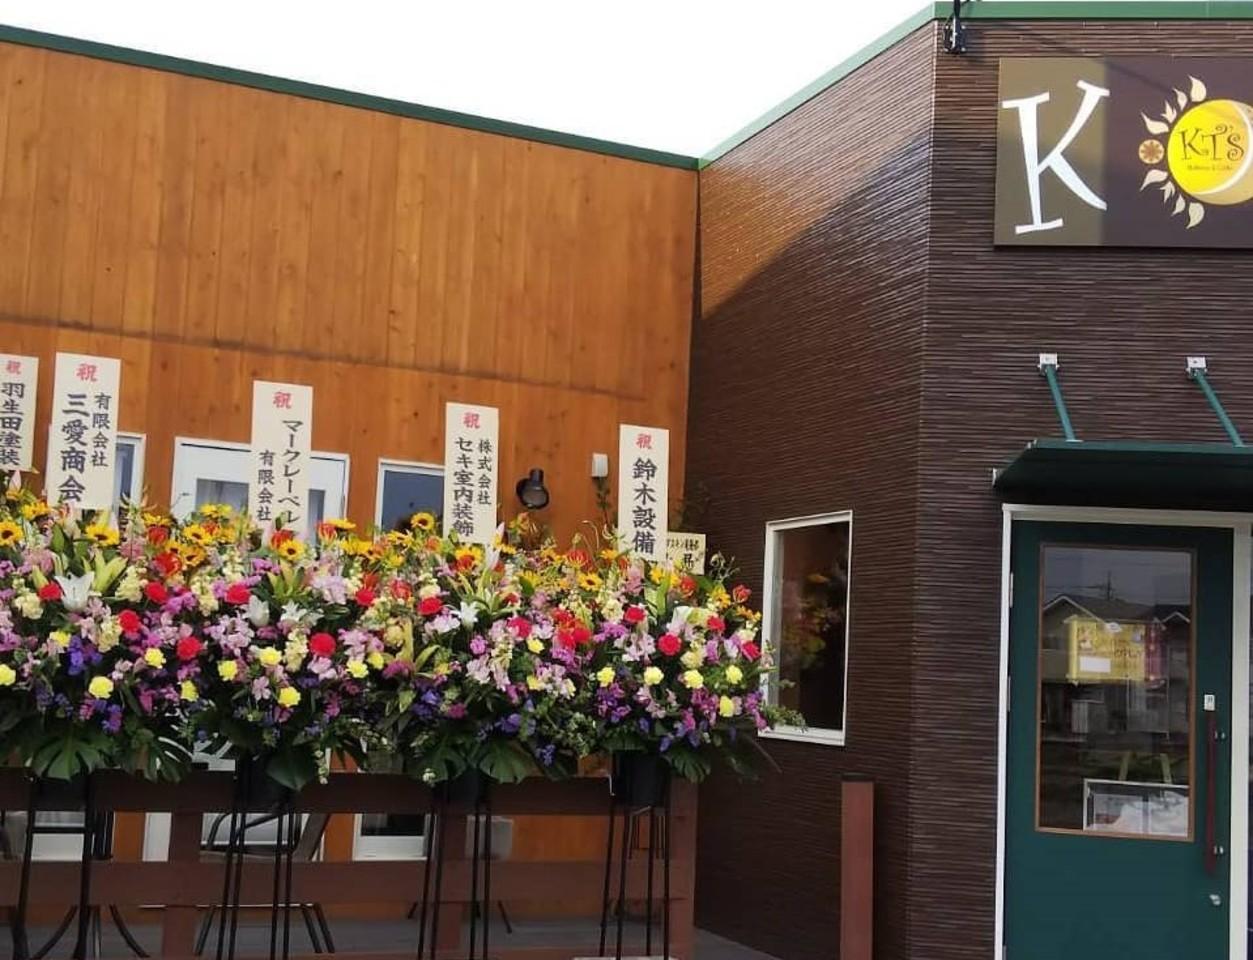 長野県千曲市杭瀬下4丁目にベーカリー&カフェ「ケイティーズ」が3/22にオープンされたようです。